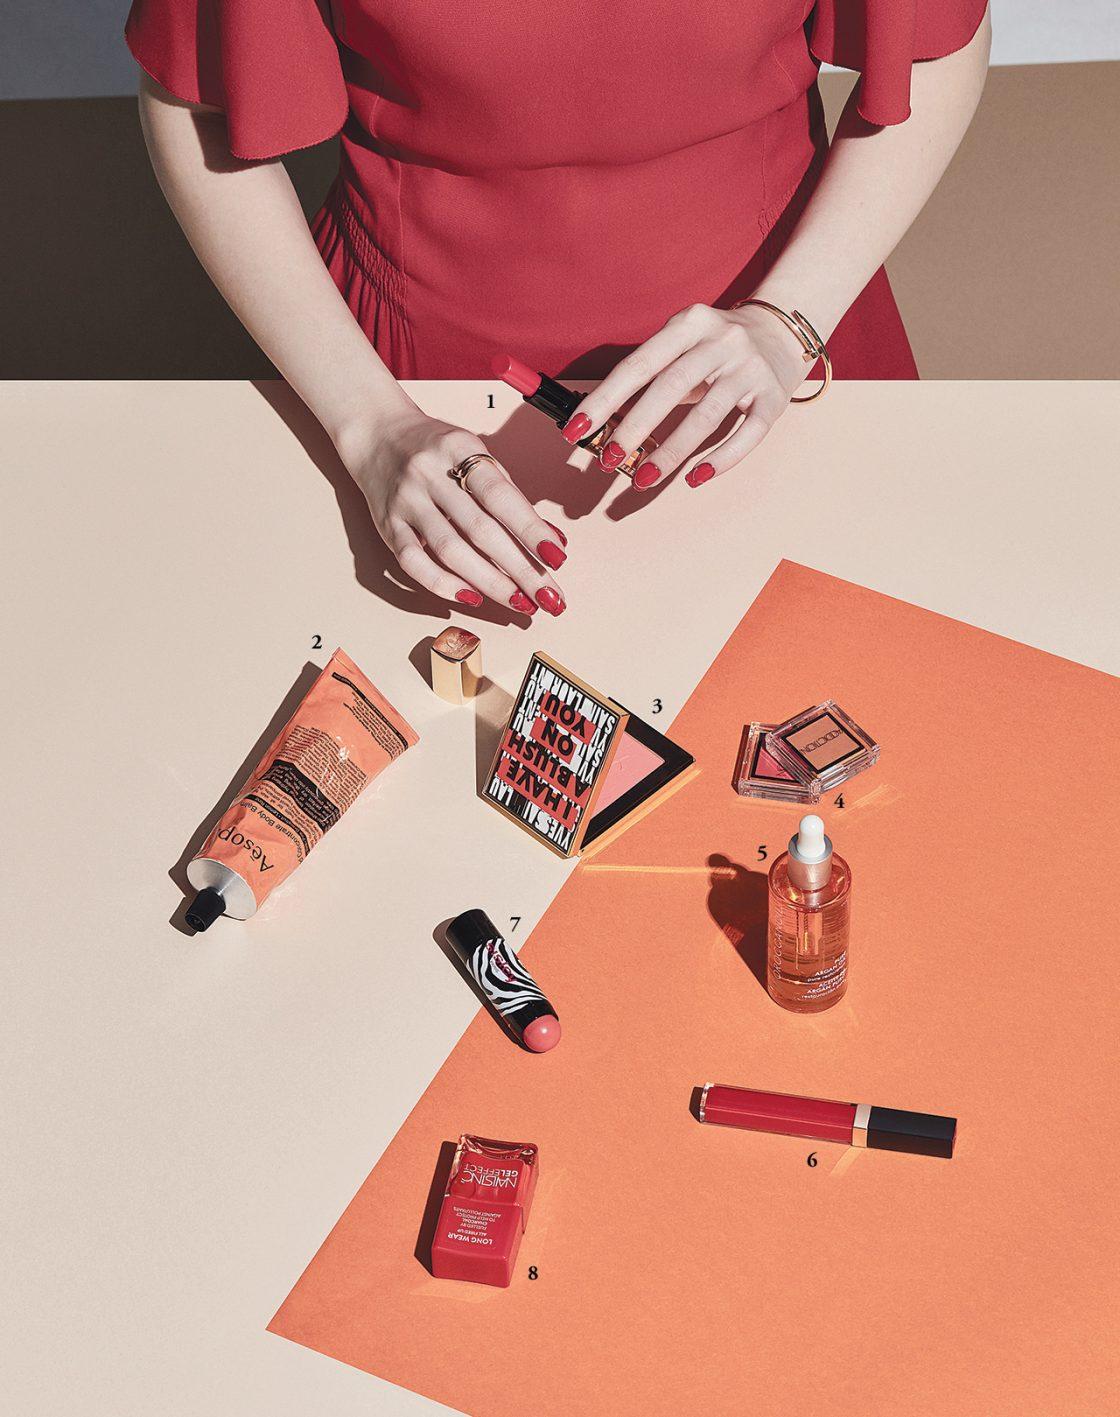 의상/ 원피스는 Hermès, 팔찌와 반지는 모두 Cartier 제품.